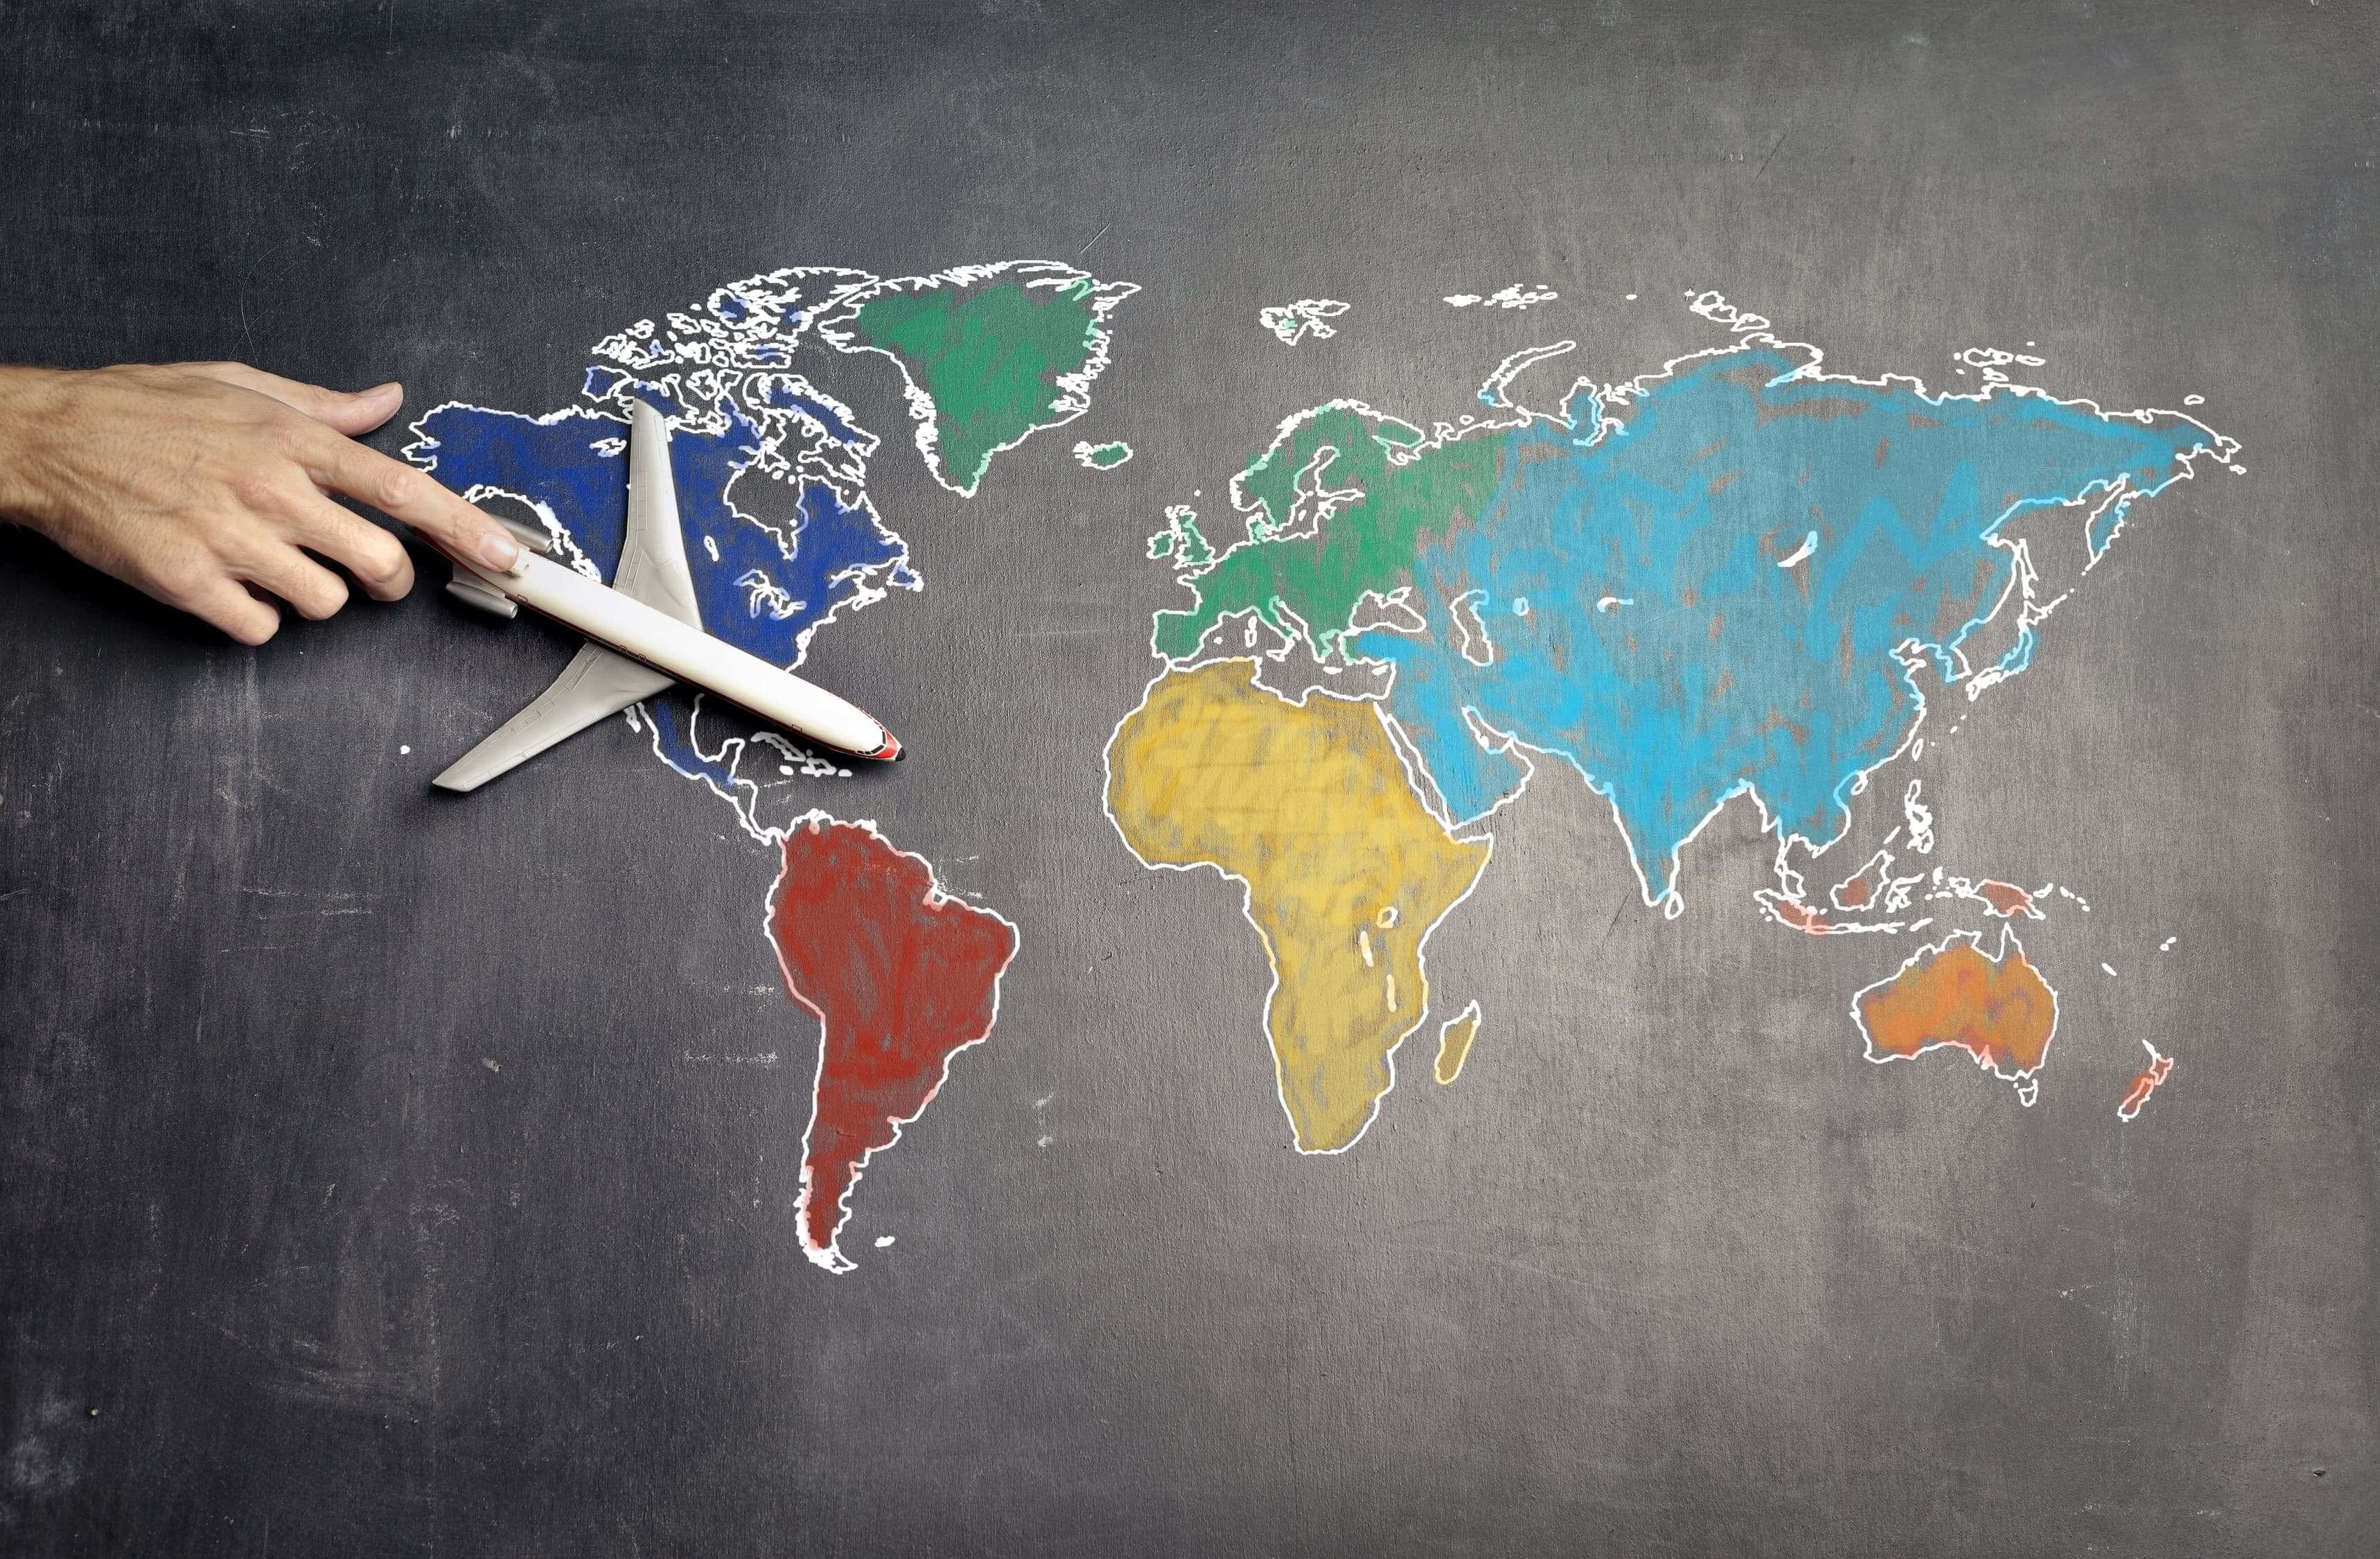 Un aereo giocattolo in cima a un disegno della mappa del mondo